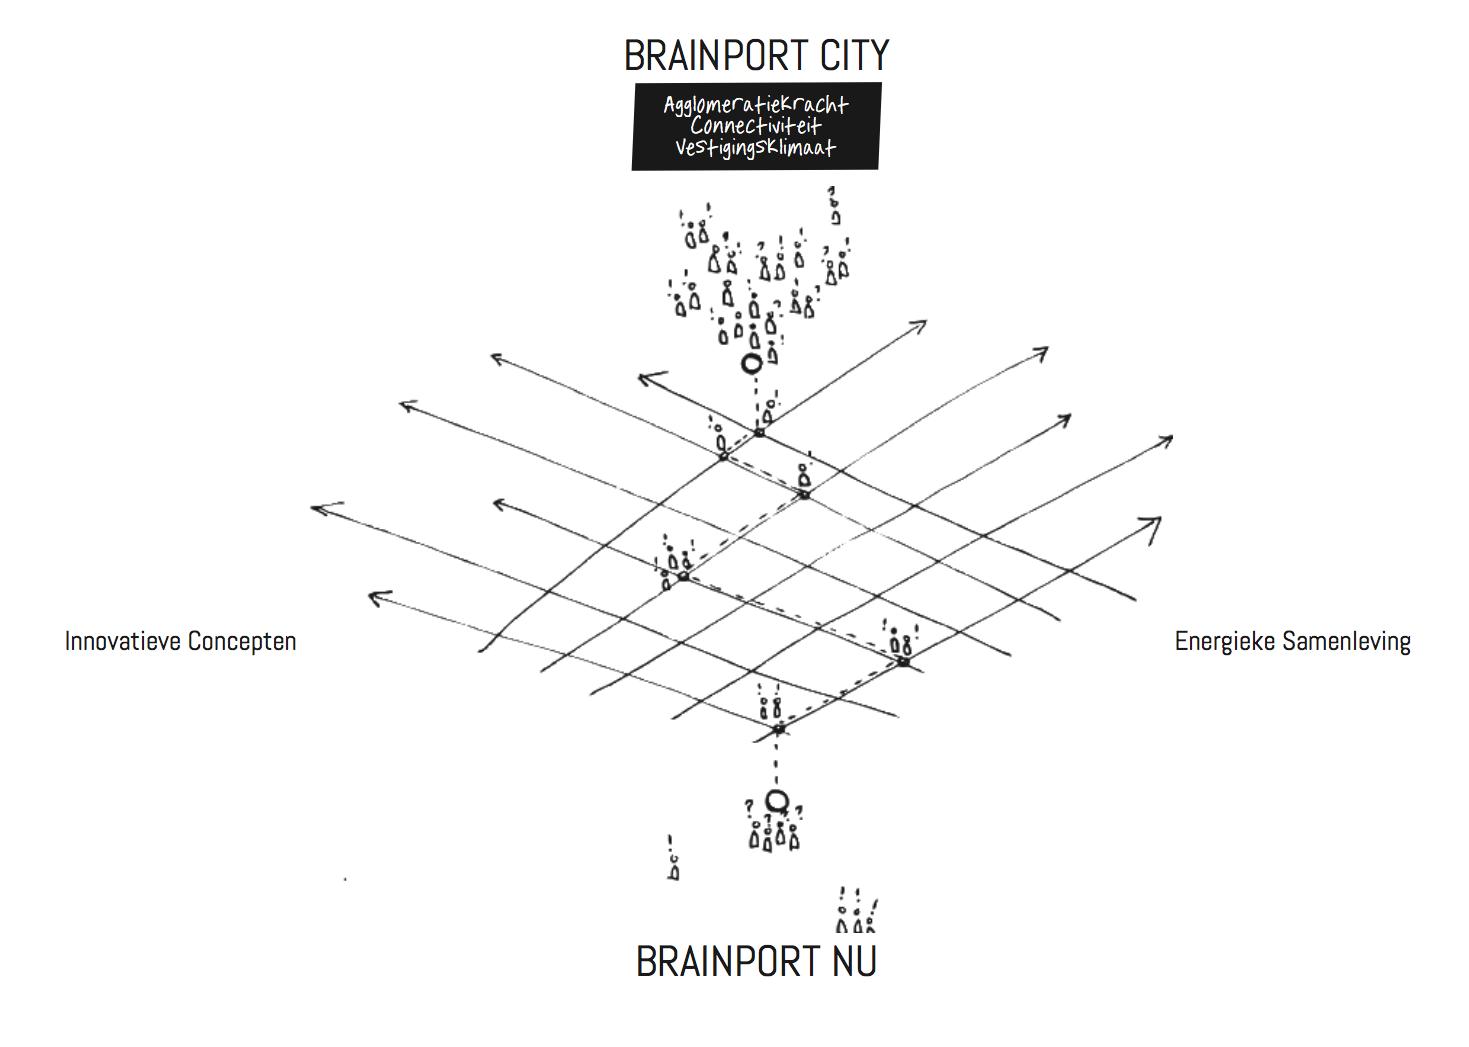 TvT_Brainport Mindset2.png